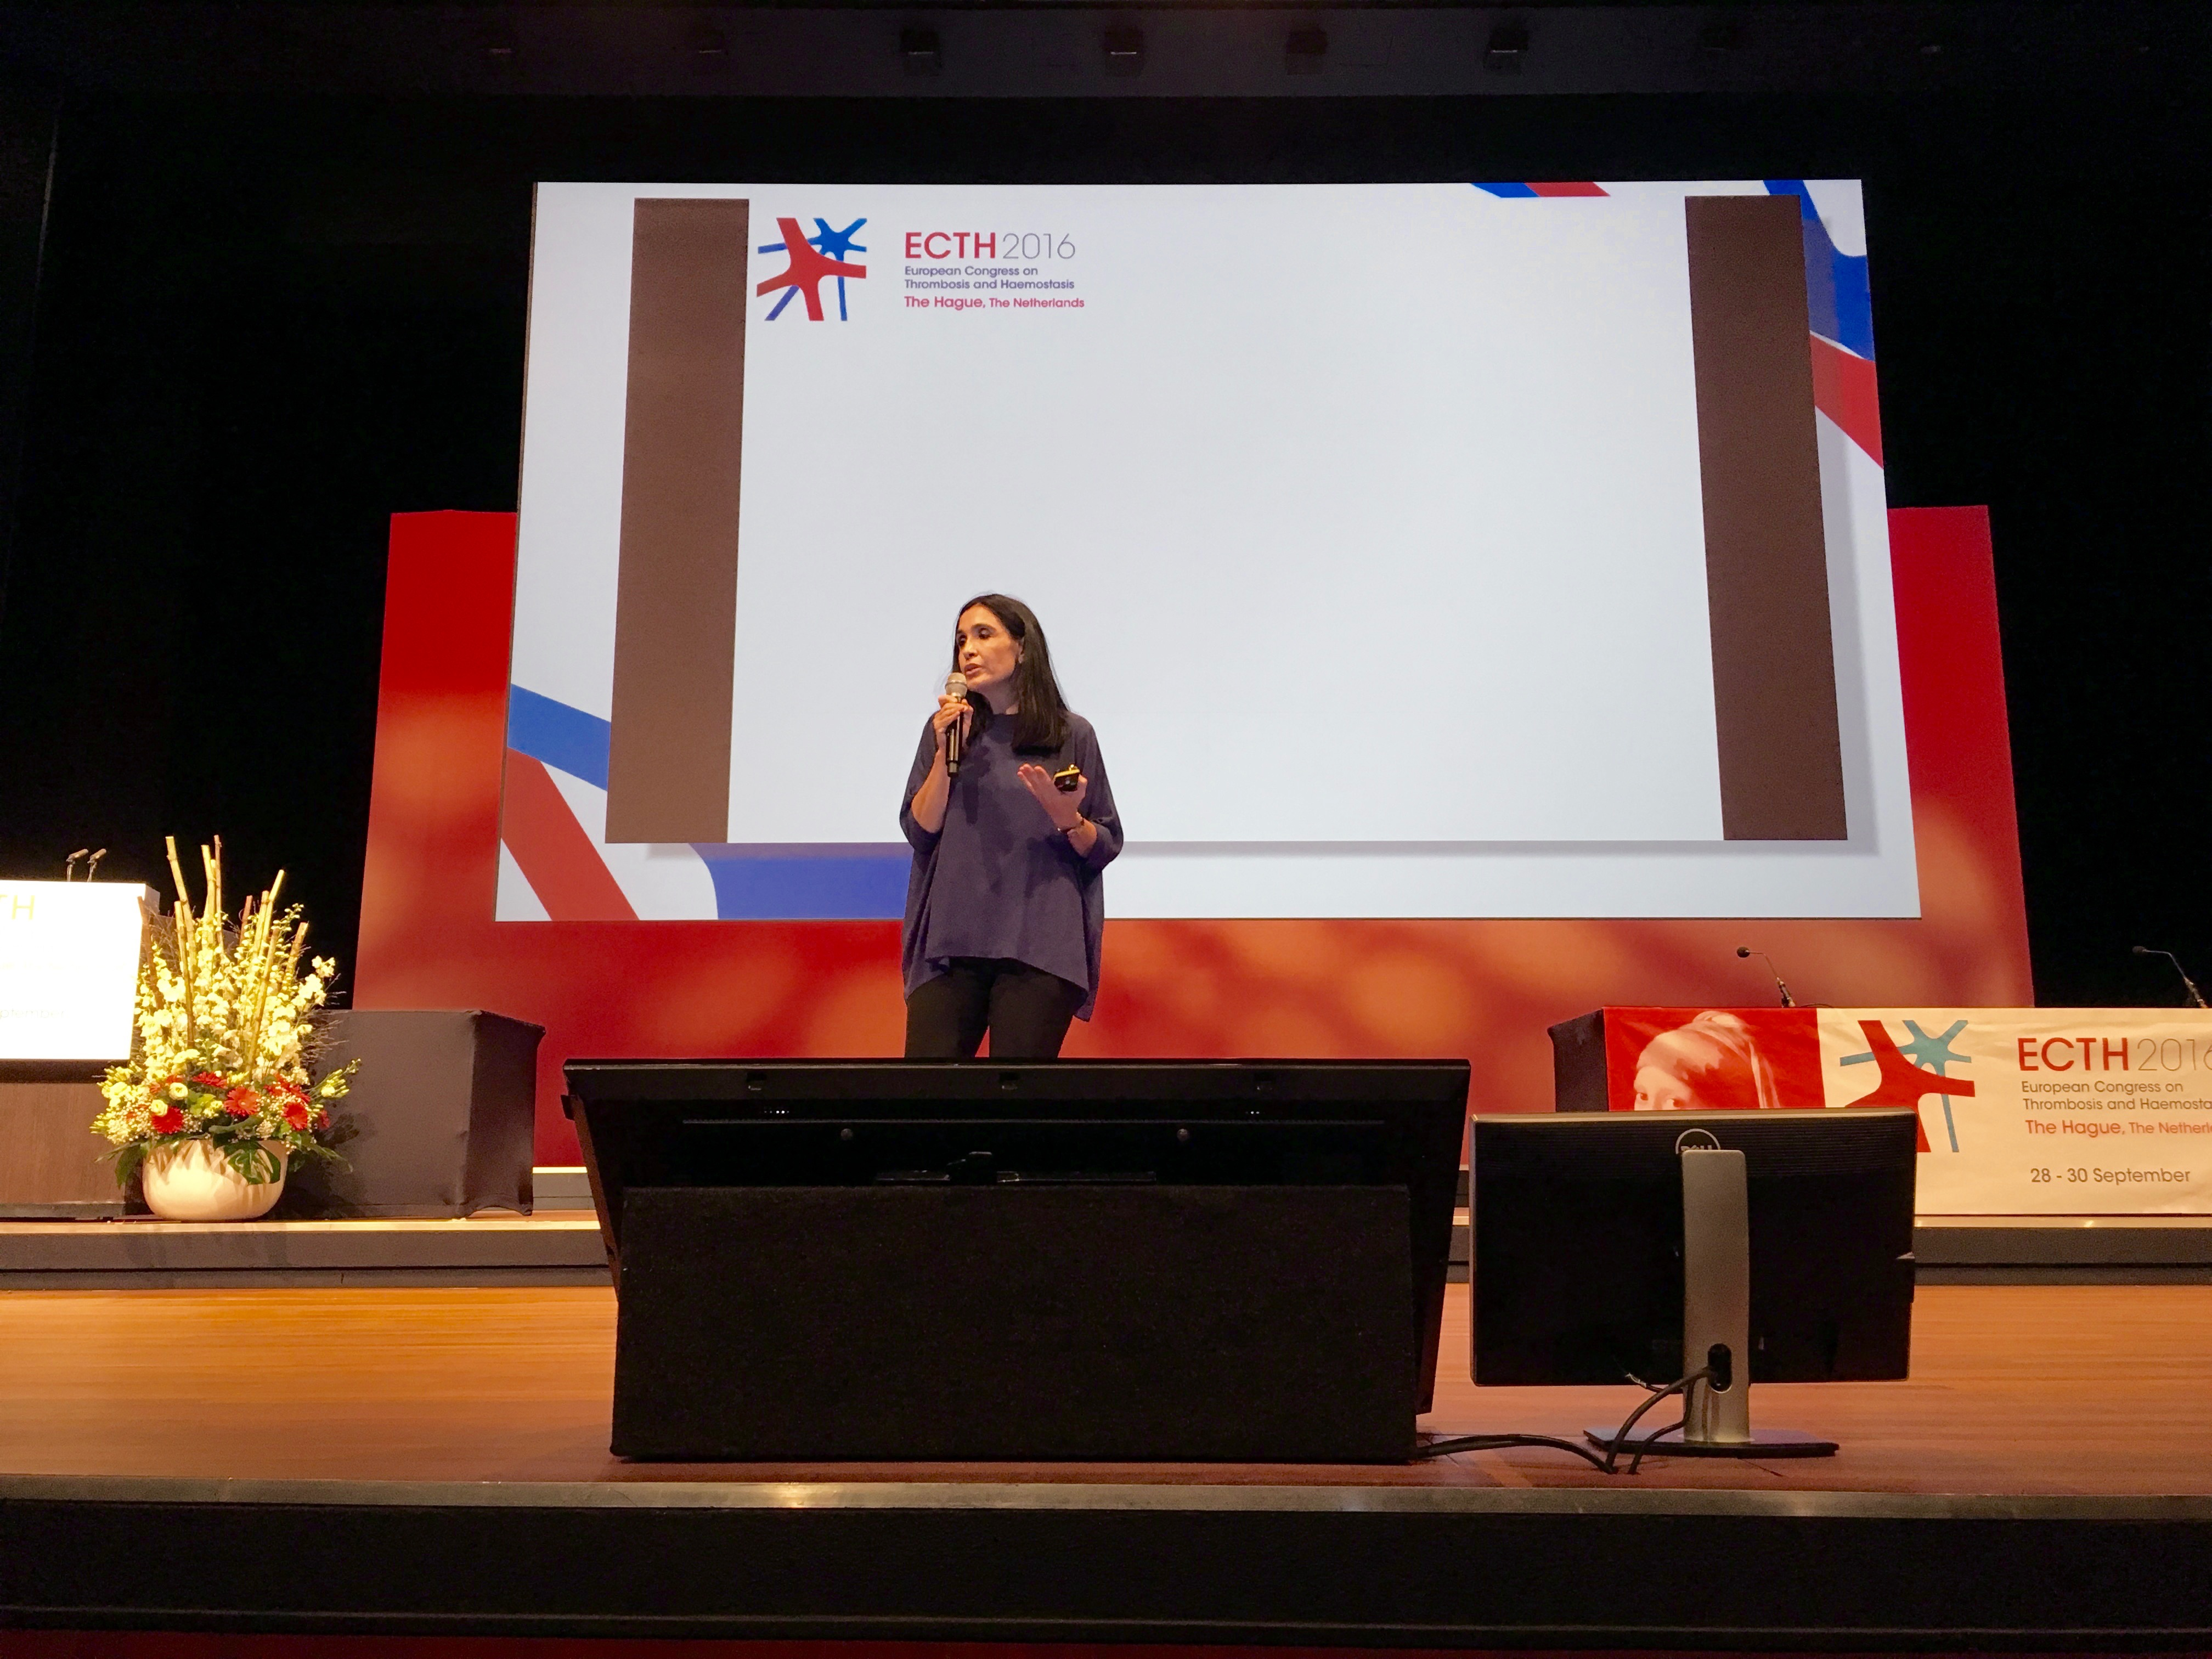 Maria Luisa Lozano presenteerde zonder slides op ECTH 2016